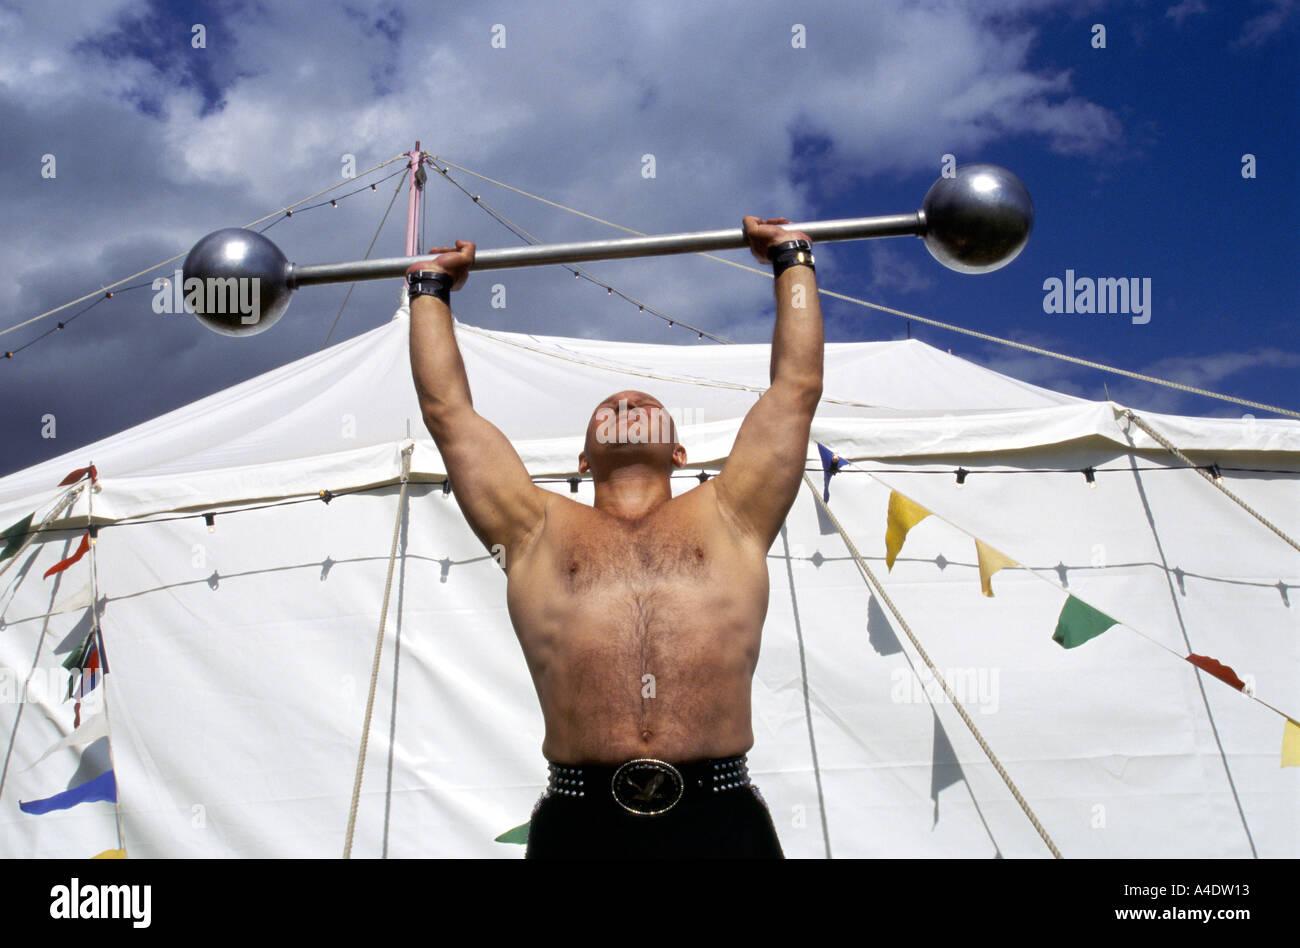 Strong Man Circus Stockfotos und  bilder Kaufen   Alamy